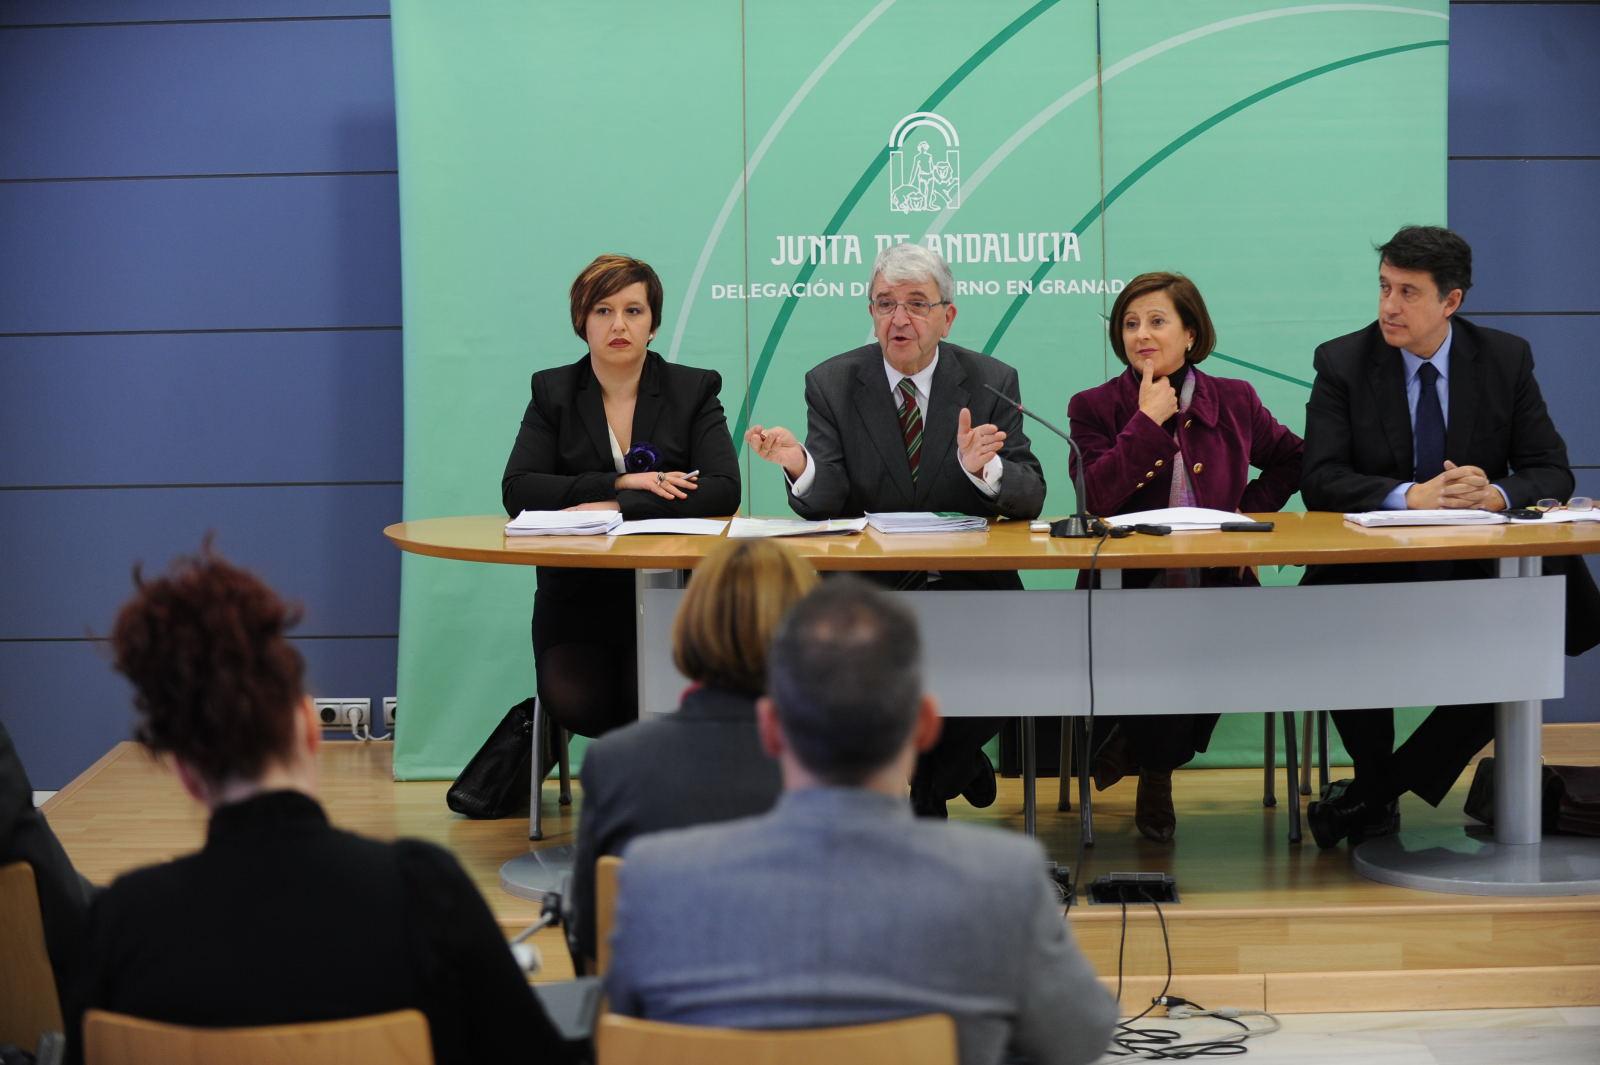 Rueda de prensa celebrada enla Delegación del Gobierno andaluz tras la reunión de la Comisión.